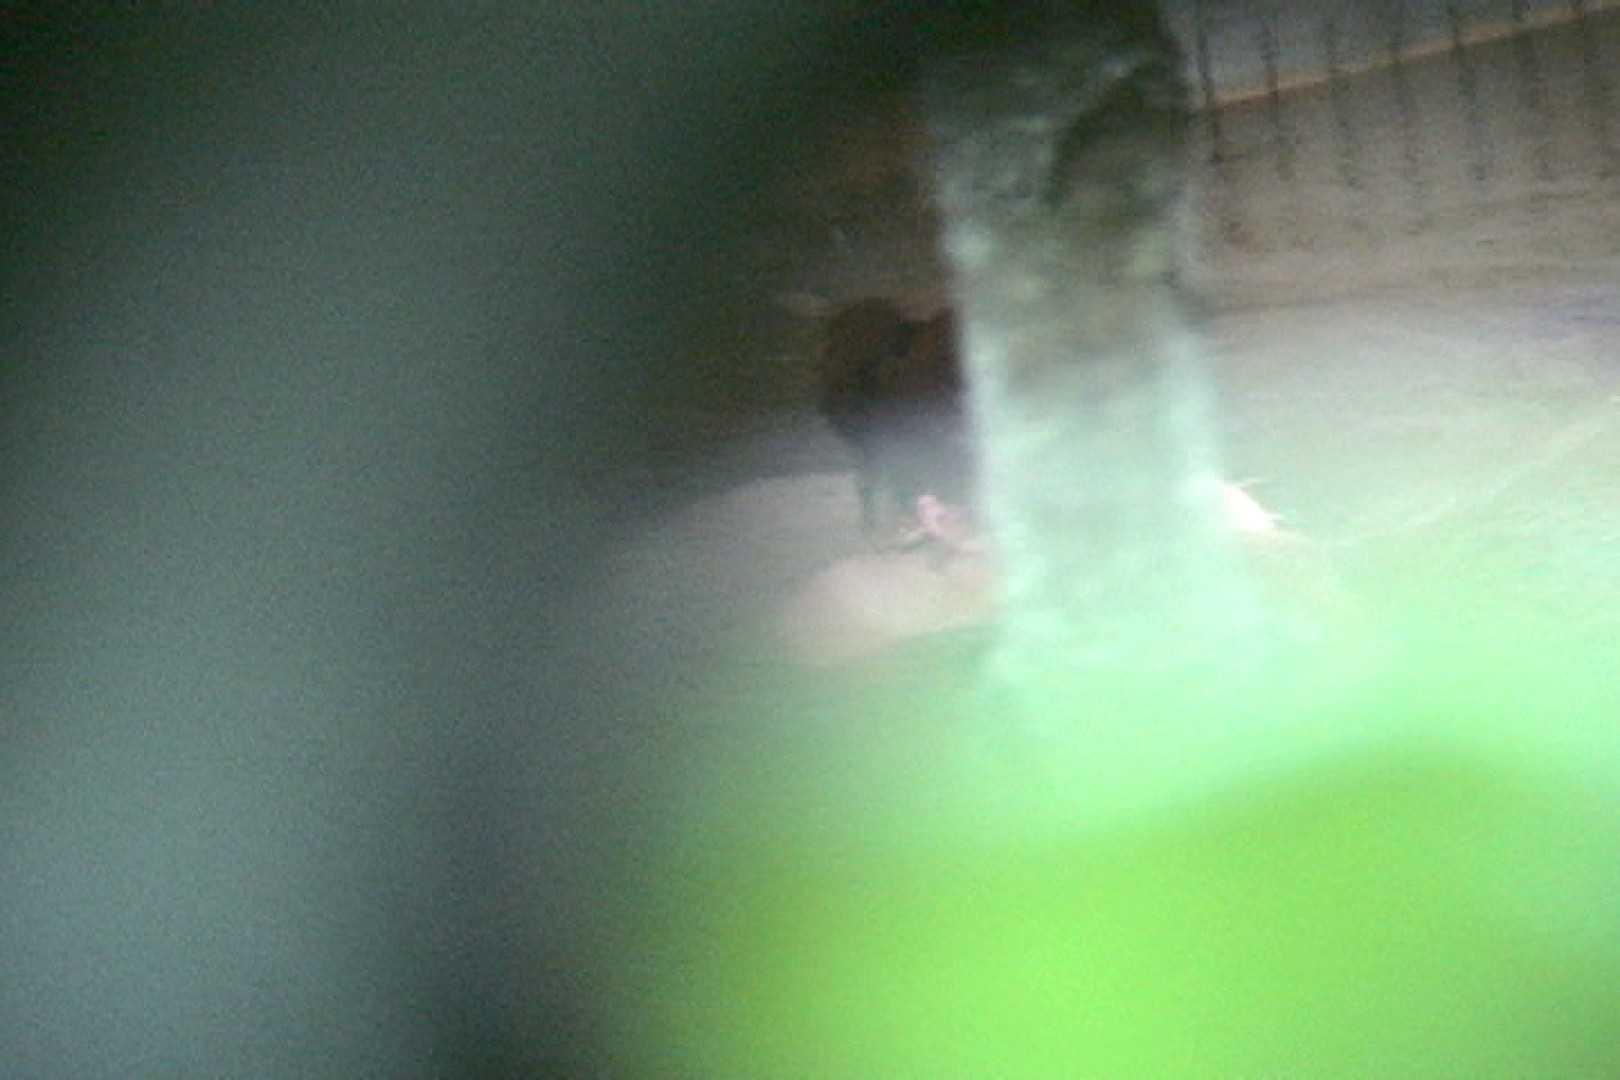 年増編 オムニバスVol.7 露天風呂の女子達 アダルト動画キャプチャ 74画像 73